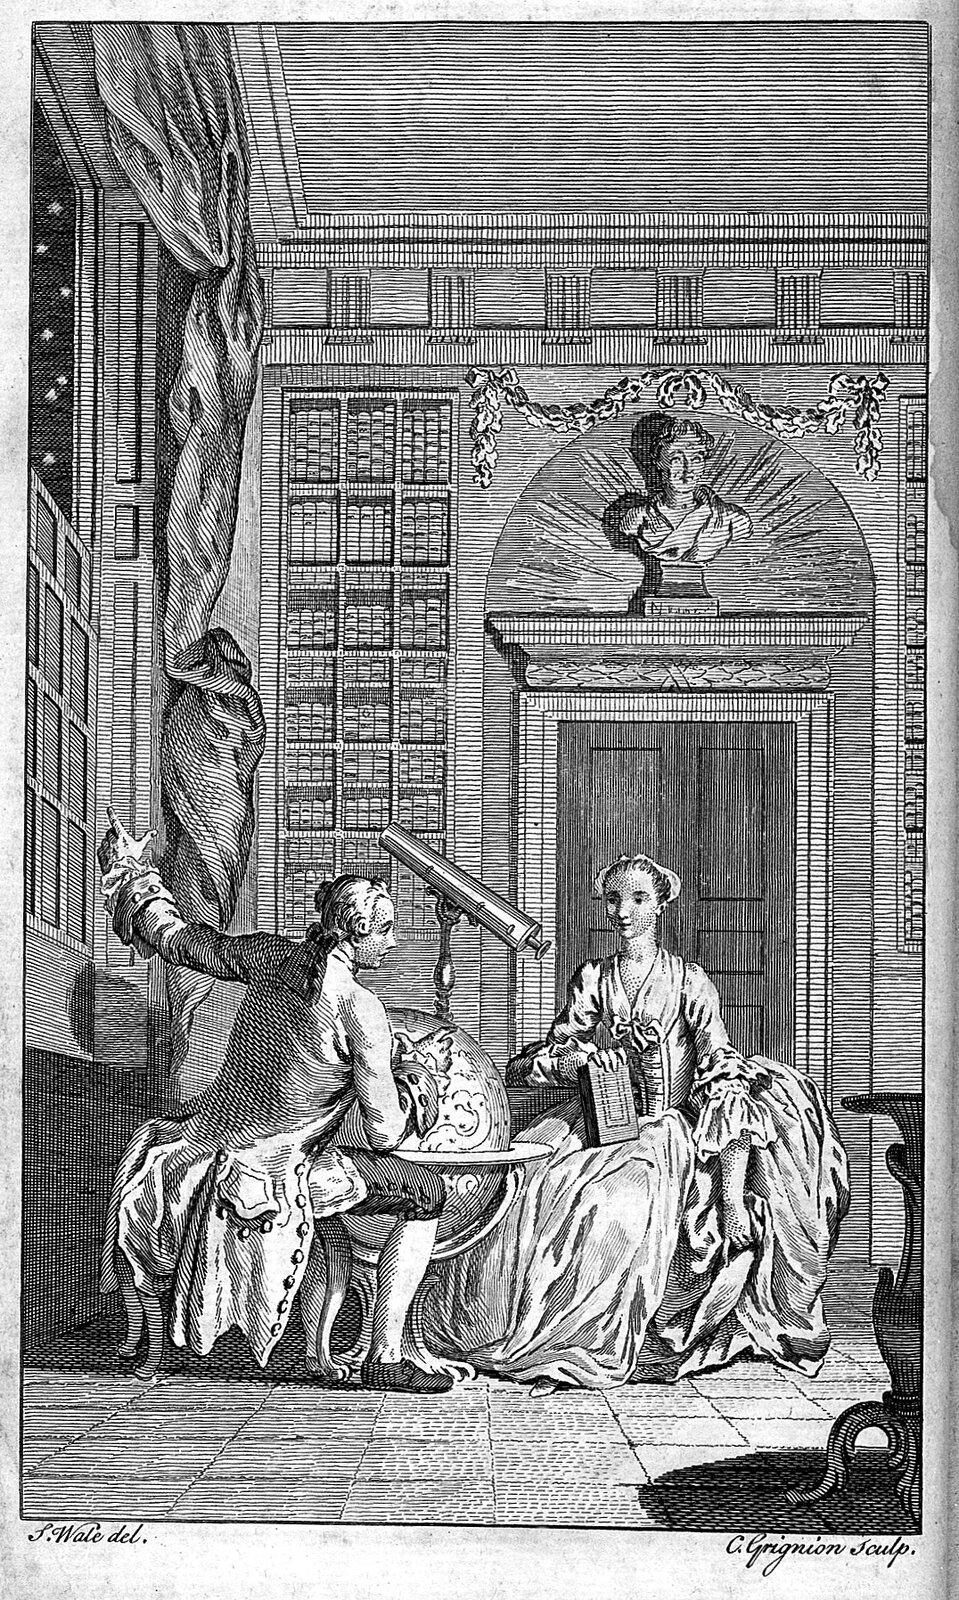 Obraz przedstawia scenę rodzajową. Wpałacowej bibliotece znajduje się dwójka ludzi. Młody mężczyzna imłoda kobieta. Siedzą nieopodal siebie. Między nimi stoi duży globus iluneta.Rozmawiają. Wkomnacie widać duży księgozbiór.}